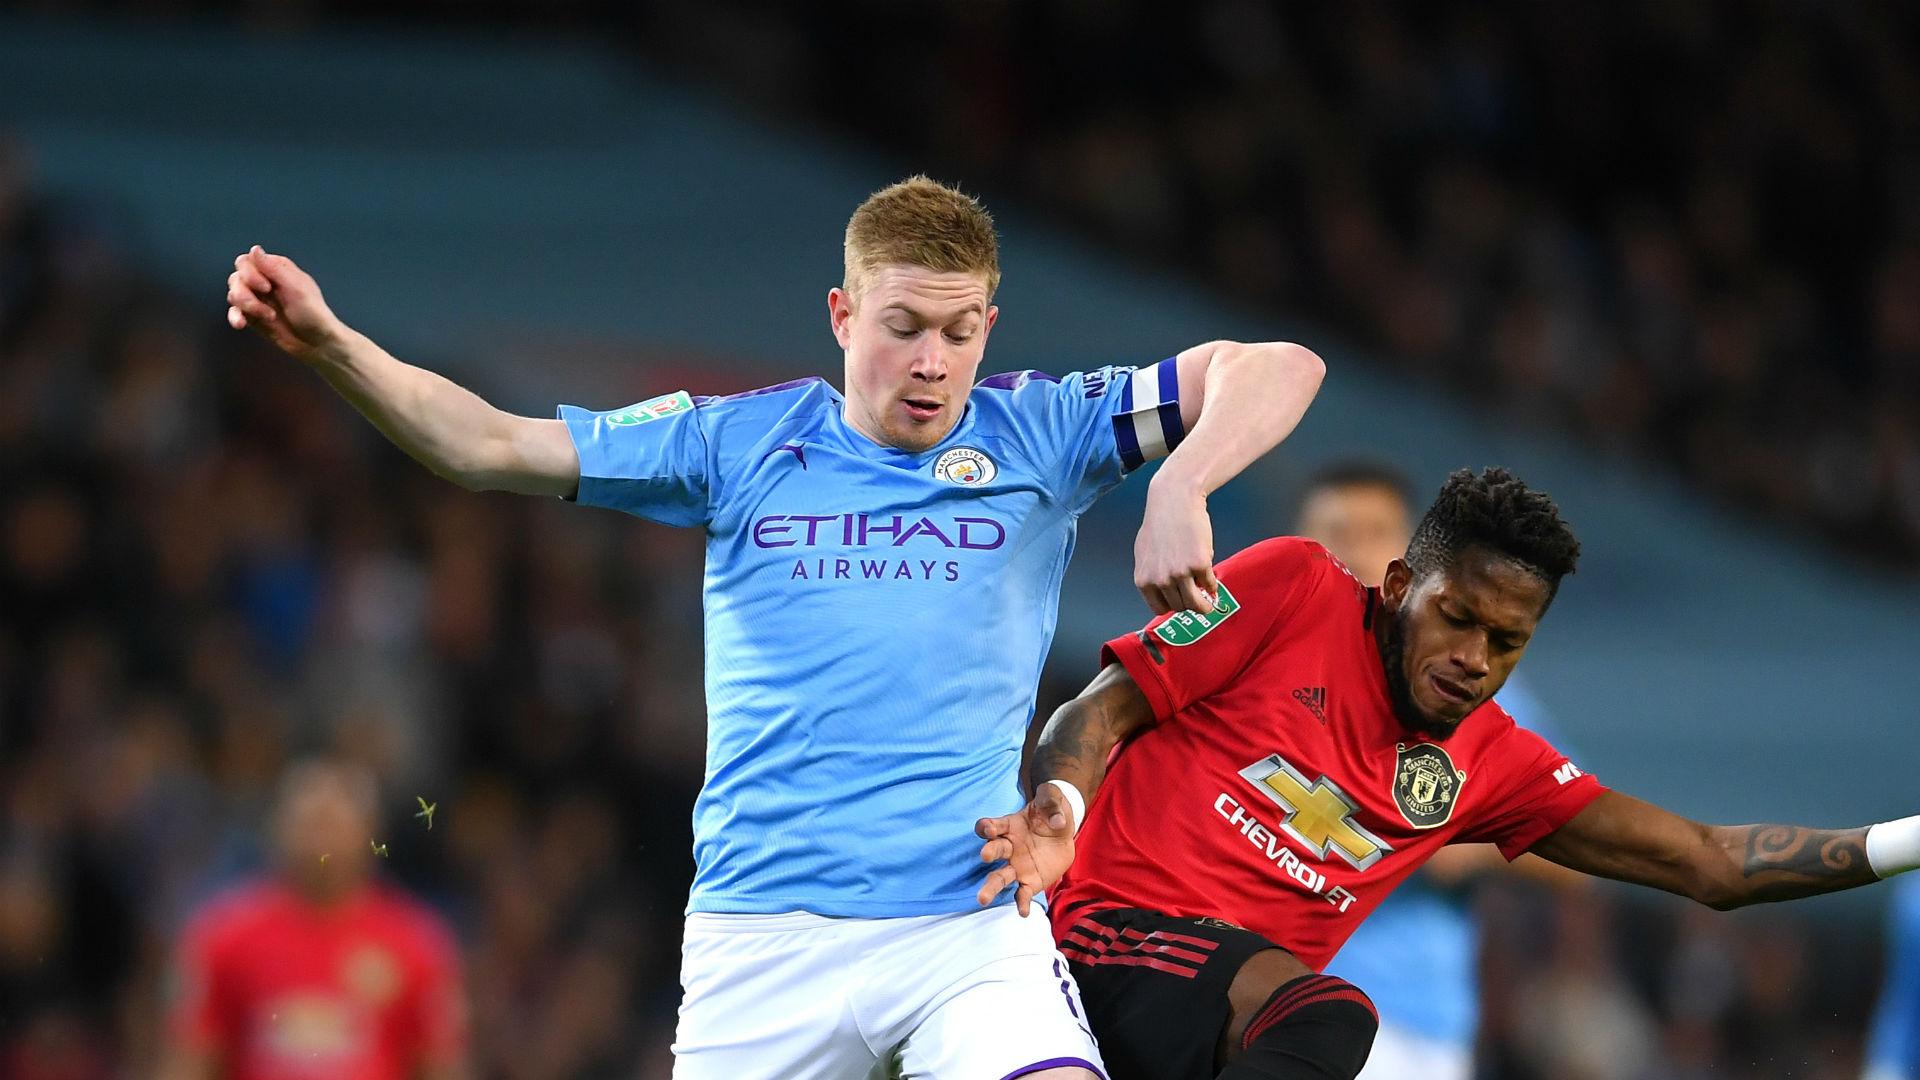 De Bruyne unable to comprehend Man City's derby defeat